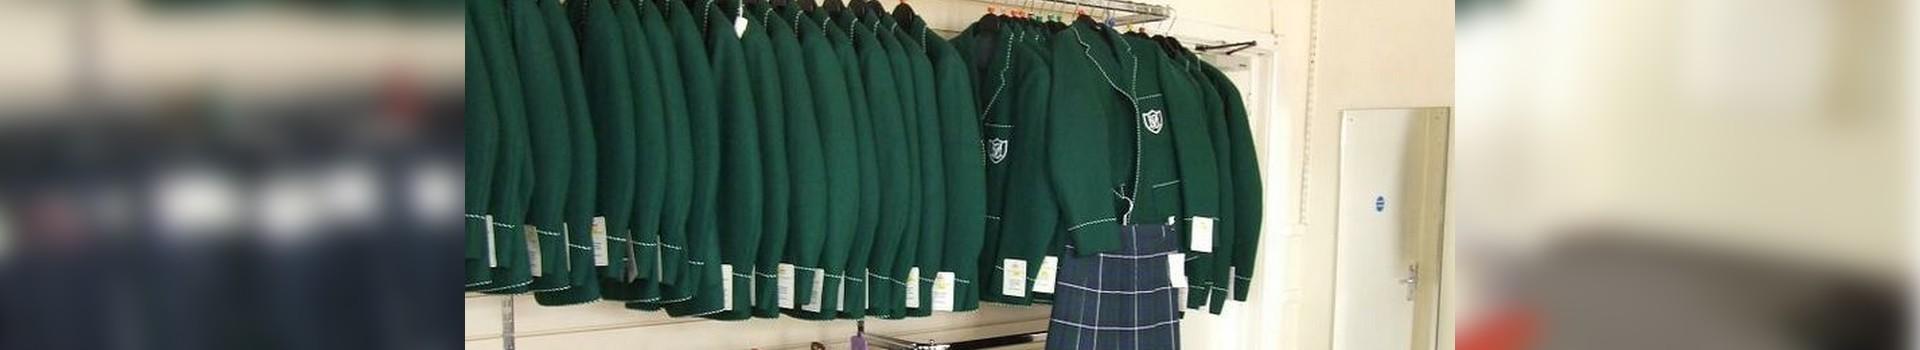 uniformes escolares alcobendas, ropa laboral alcobendas